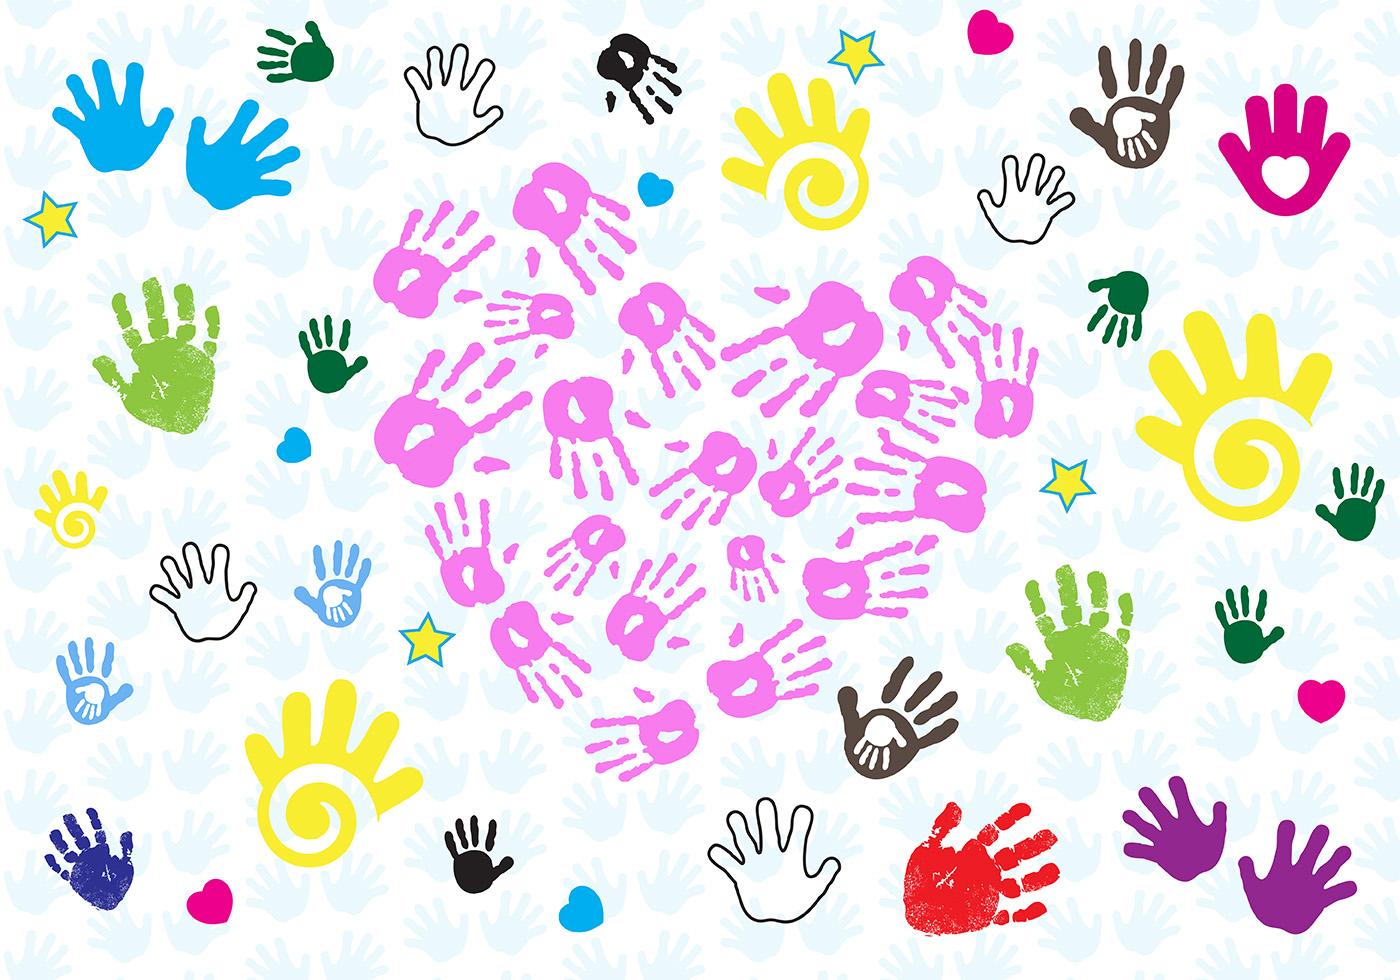 Baby hand print vector download free vector art stock for Clipart gratis download